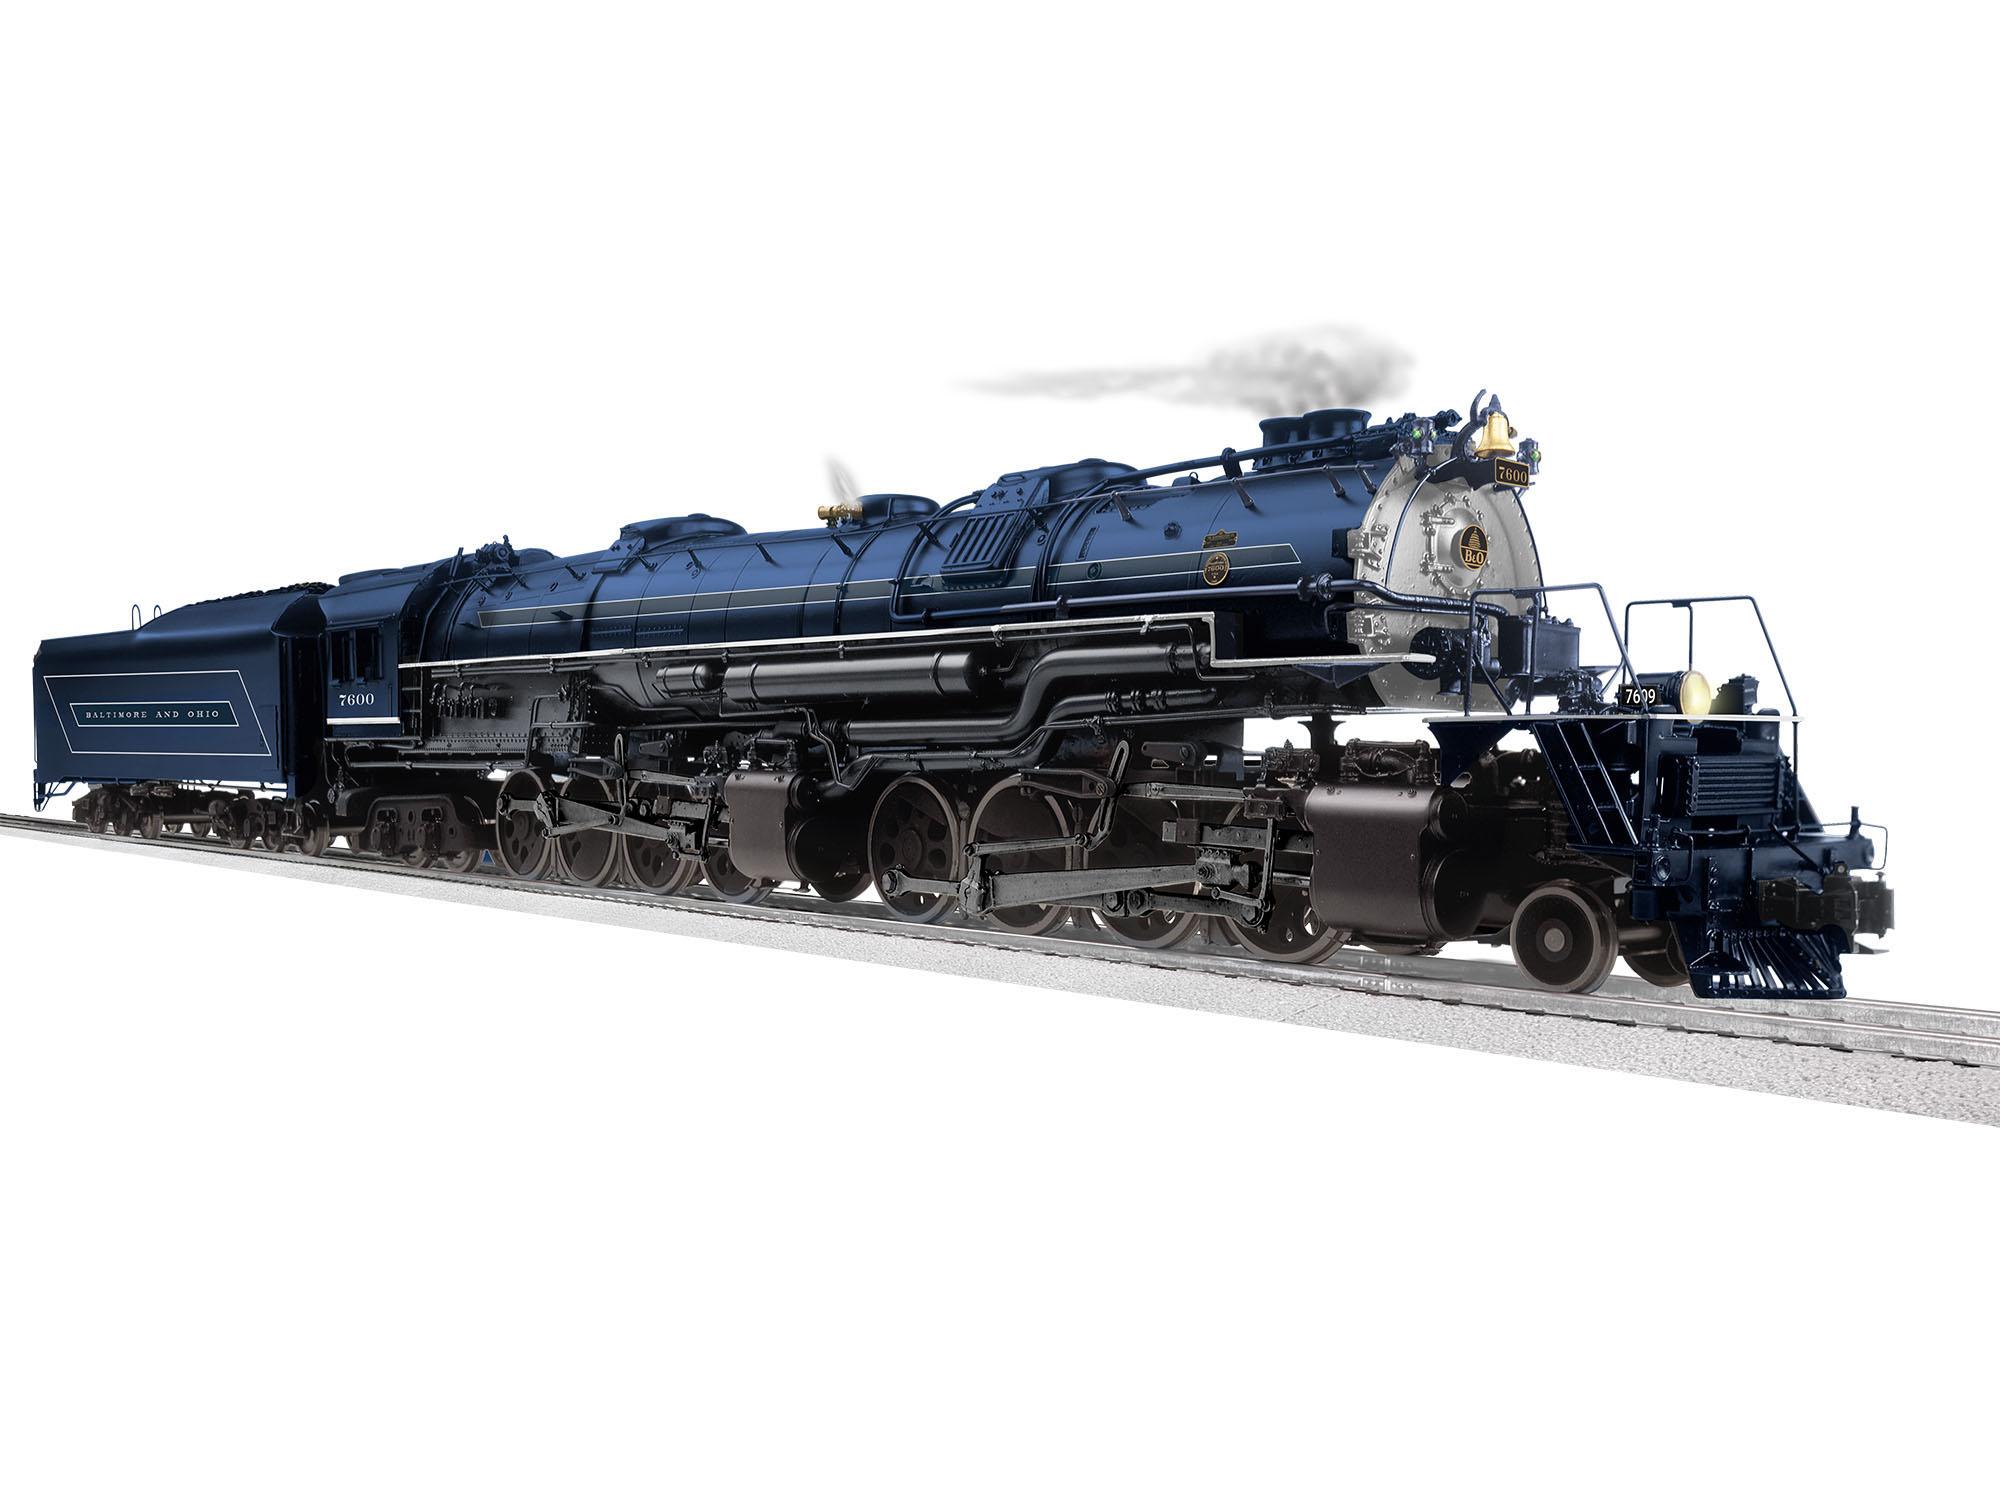 Lionel 2031100 O 2-8-8-4 3-Rail Legacy Sound and Control Baltimore & Ohio 7600 434-2031100